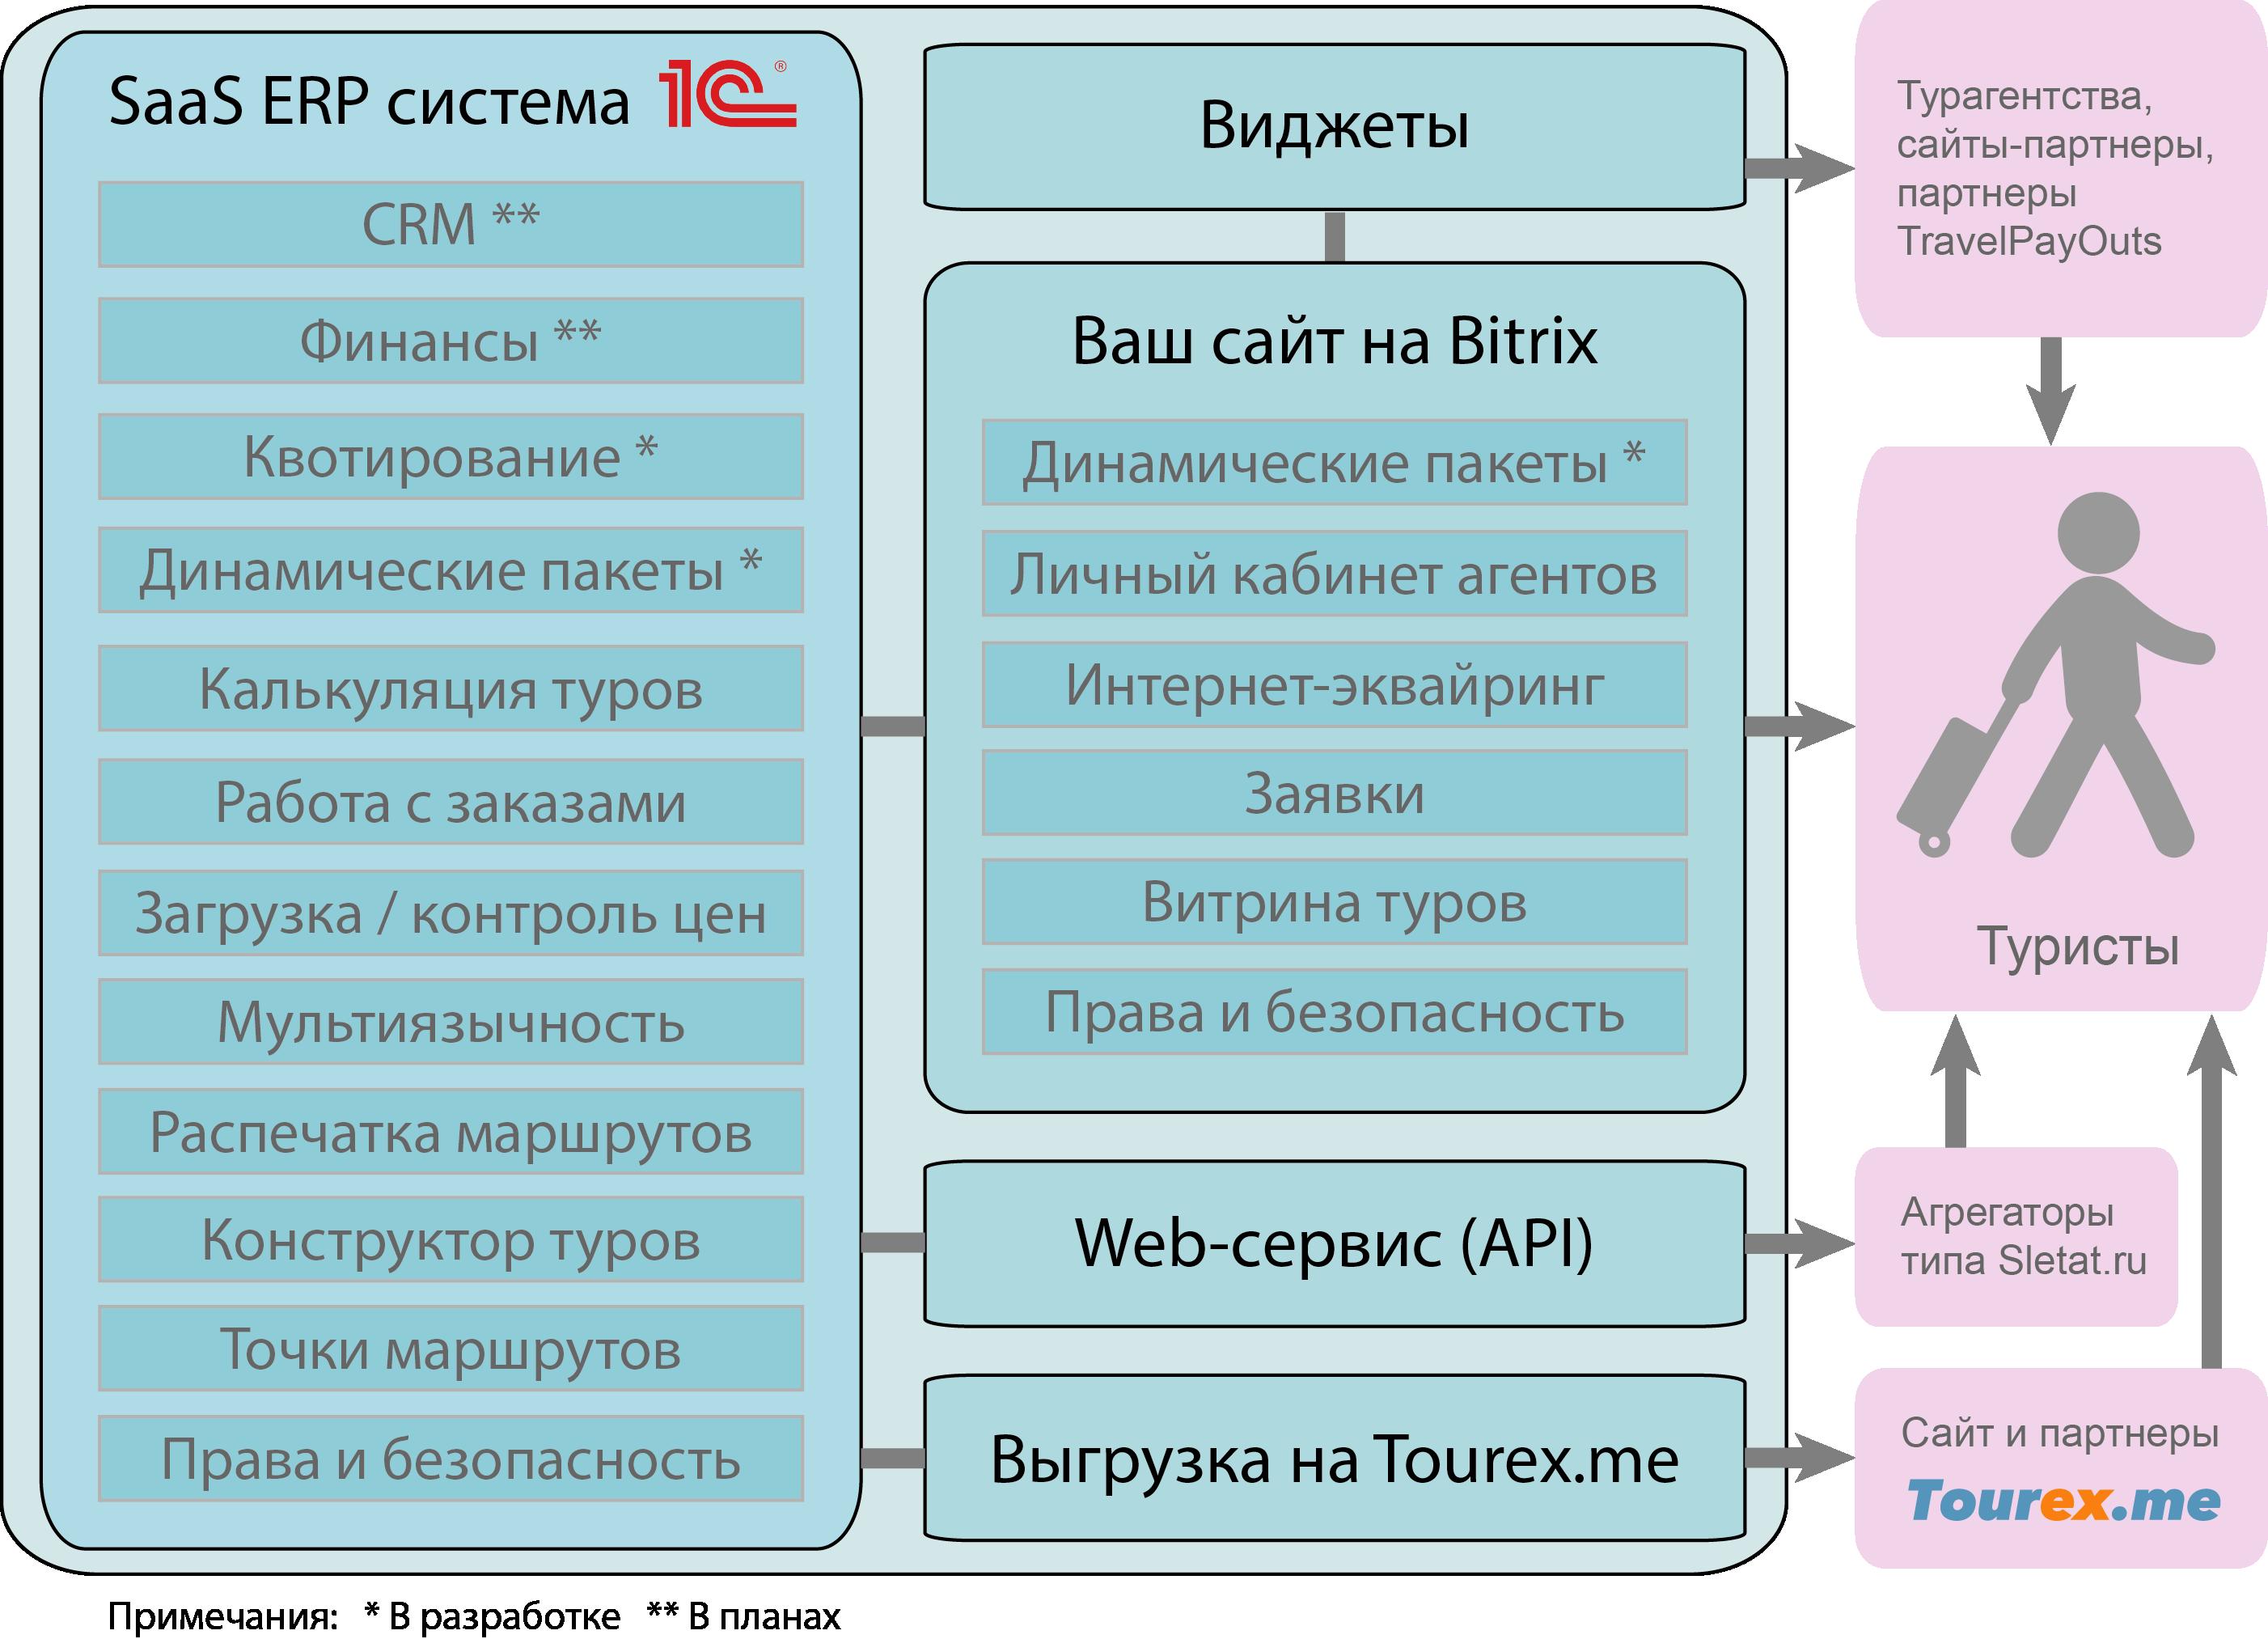 Функциональная схема системы автоматизации туроператоров Tourex.me